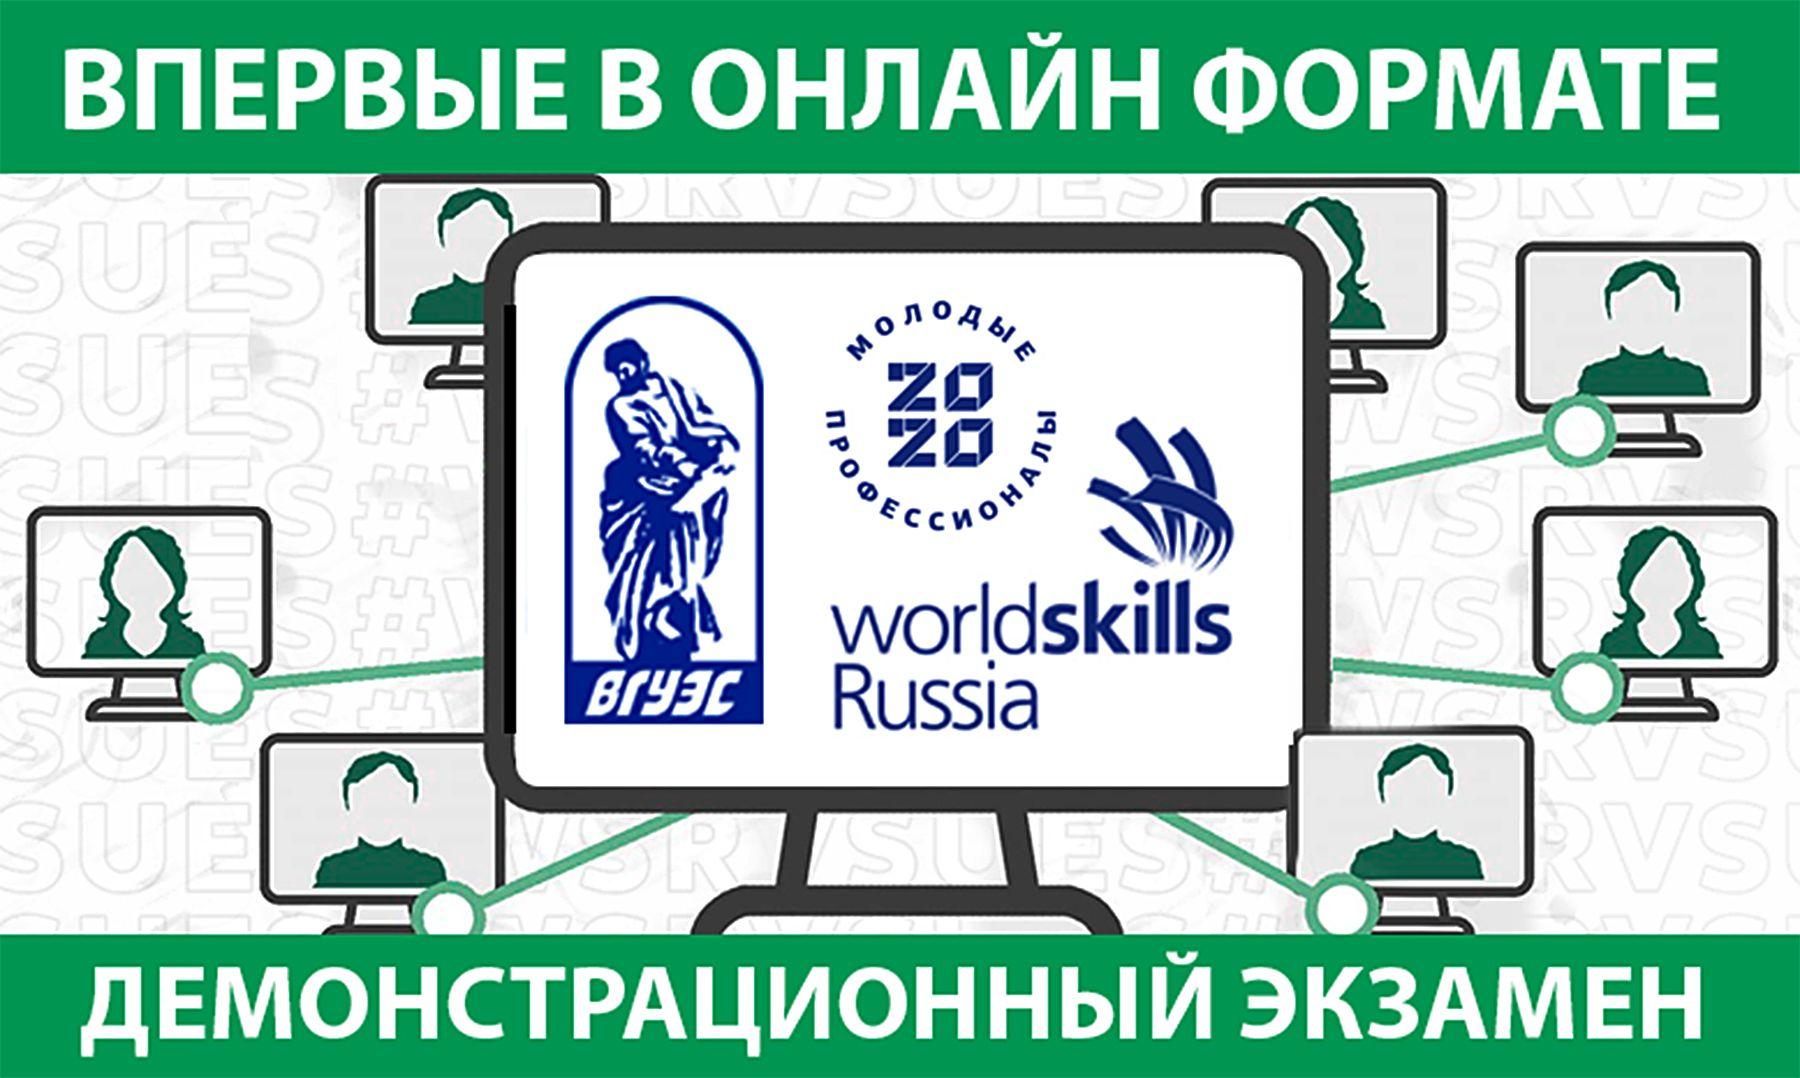 Студенты ВГУЭС впервые сдадут демонстрационный экзамен по стандартам Ворлдскиллс Россия в новом формате